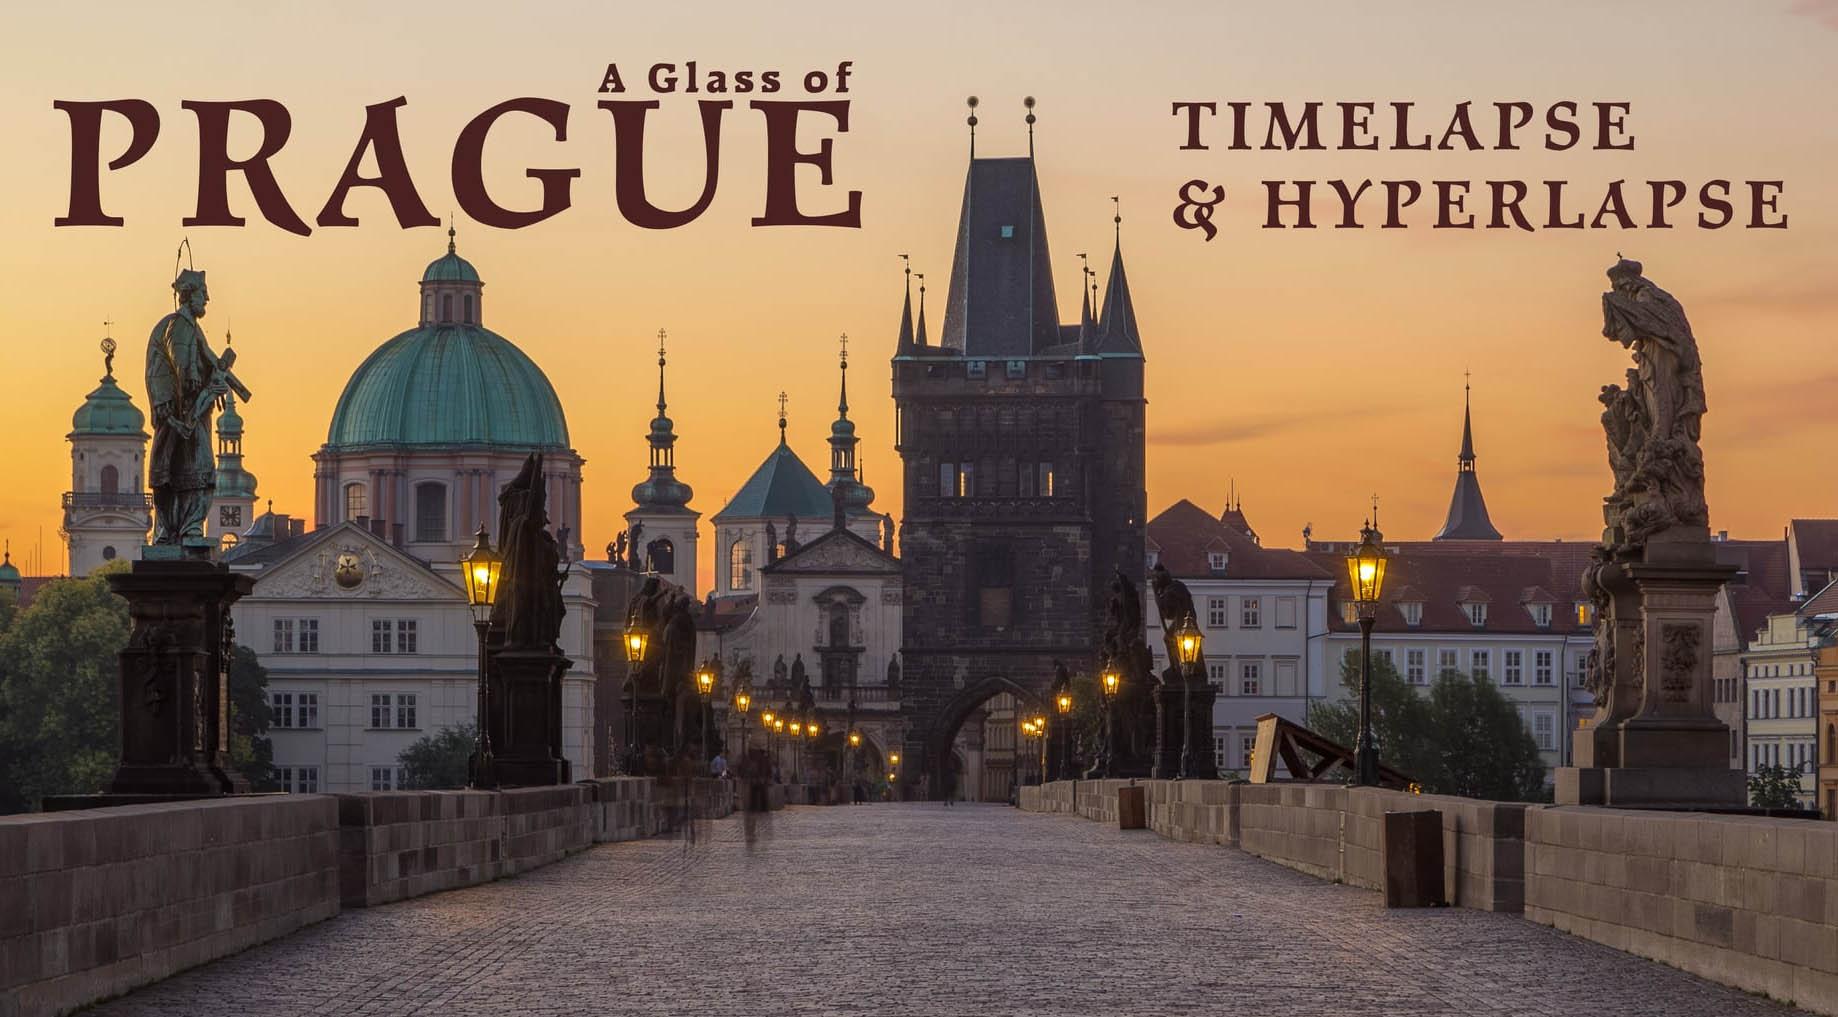 Статья о Праге. Статьи о туризме.